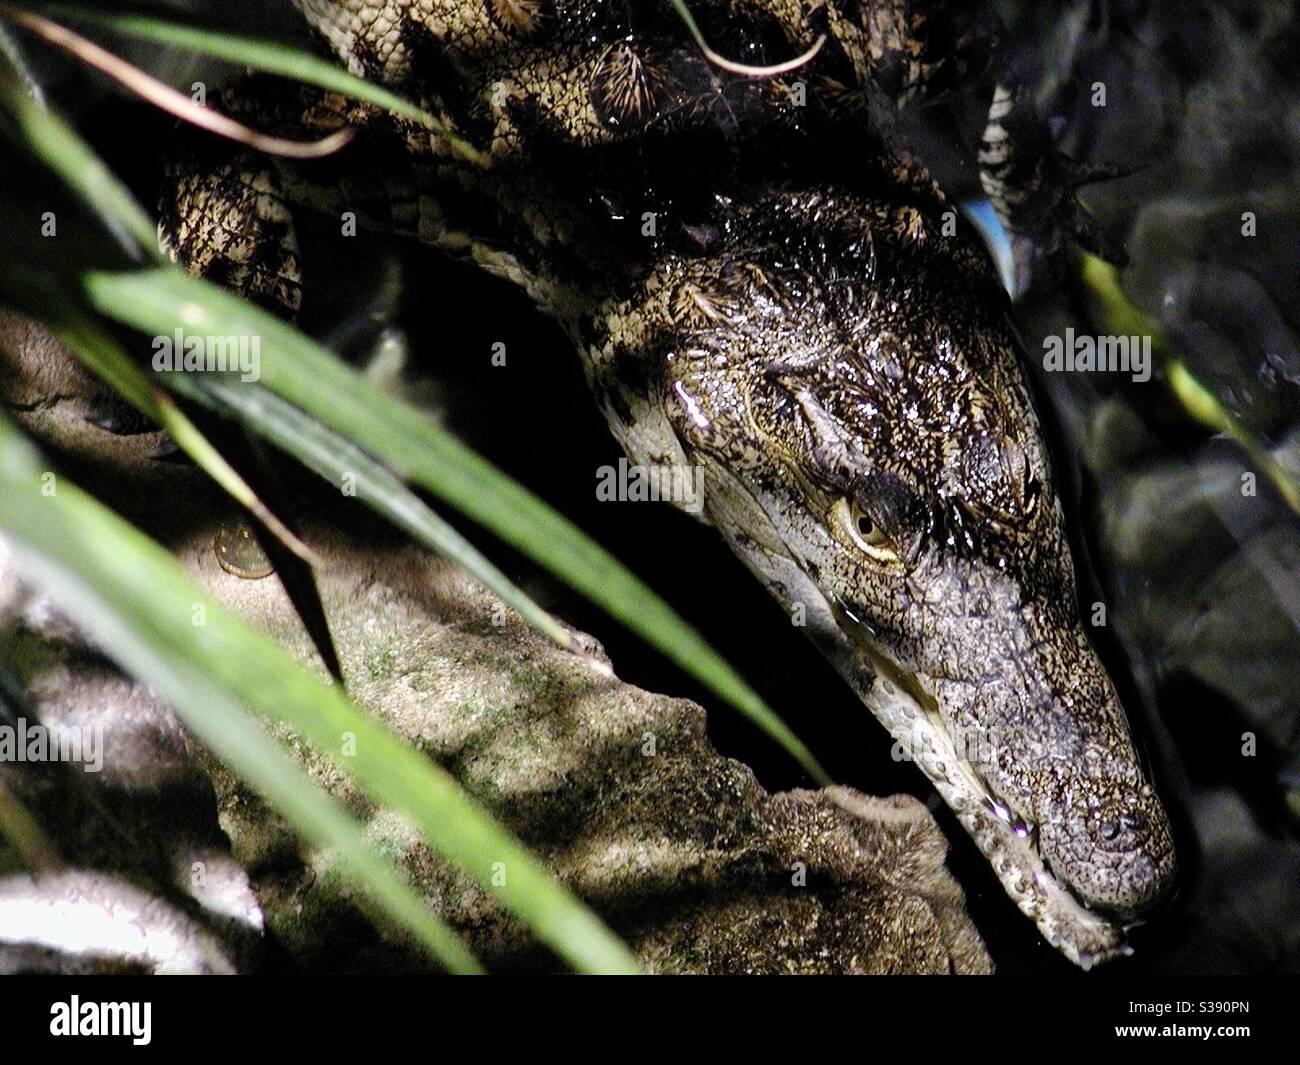 Le crocodile est un grand reptile semi-aquatique qui vit dans les tropiques en Afrique, en Asie, en Amérique et en Australie. Banque D'Images